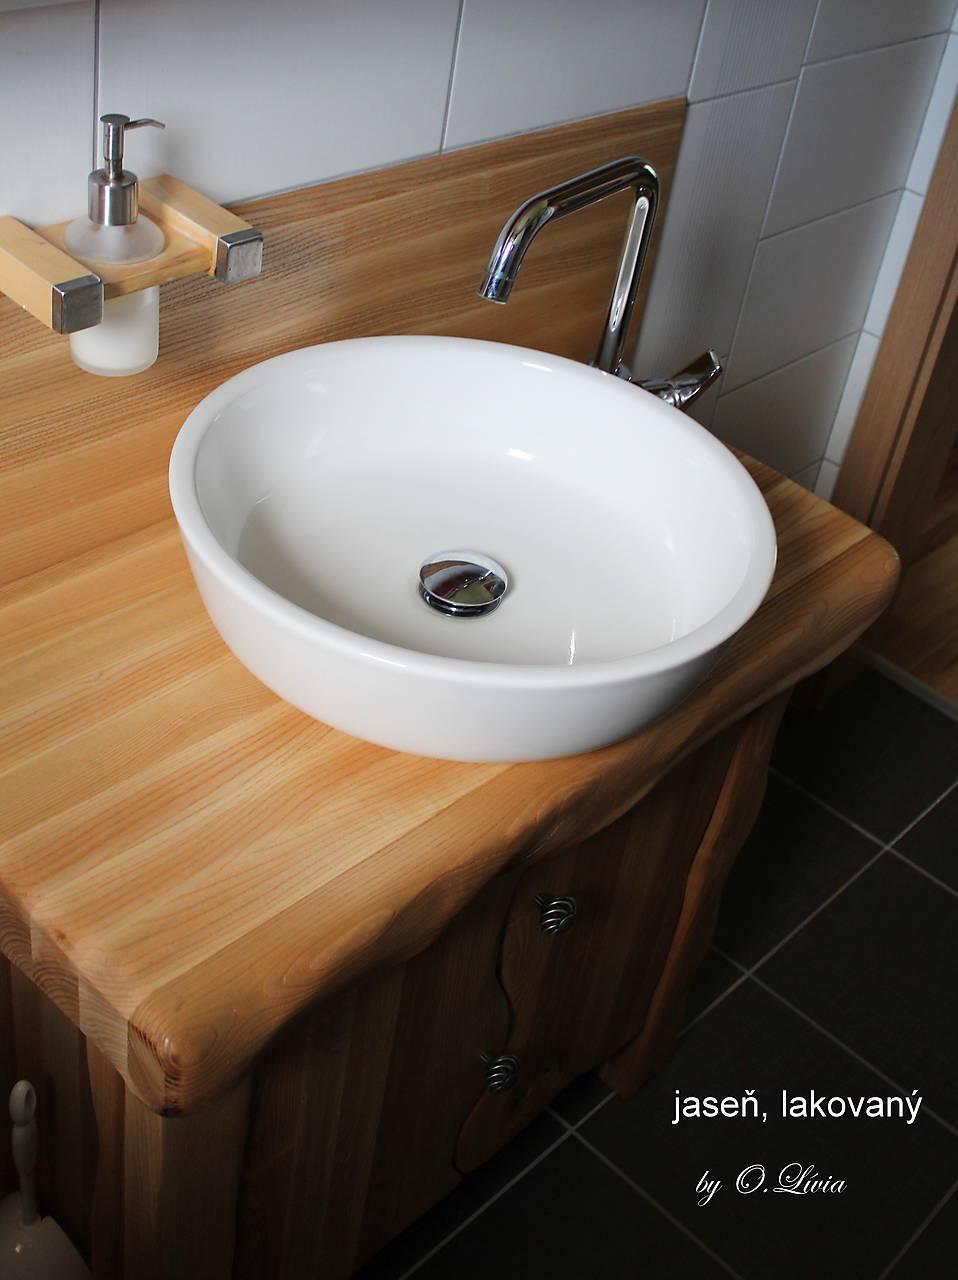 Stolík - skrinka pod umývadlo - NATURAL masív (JASEŇ)